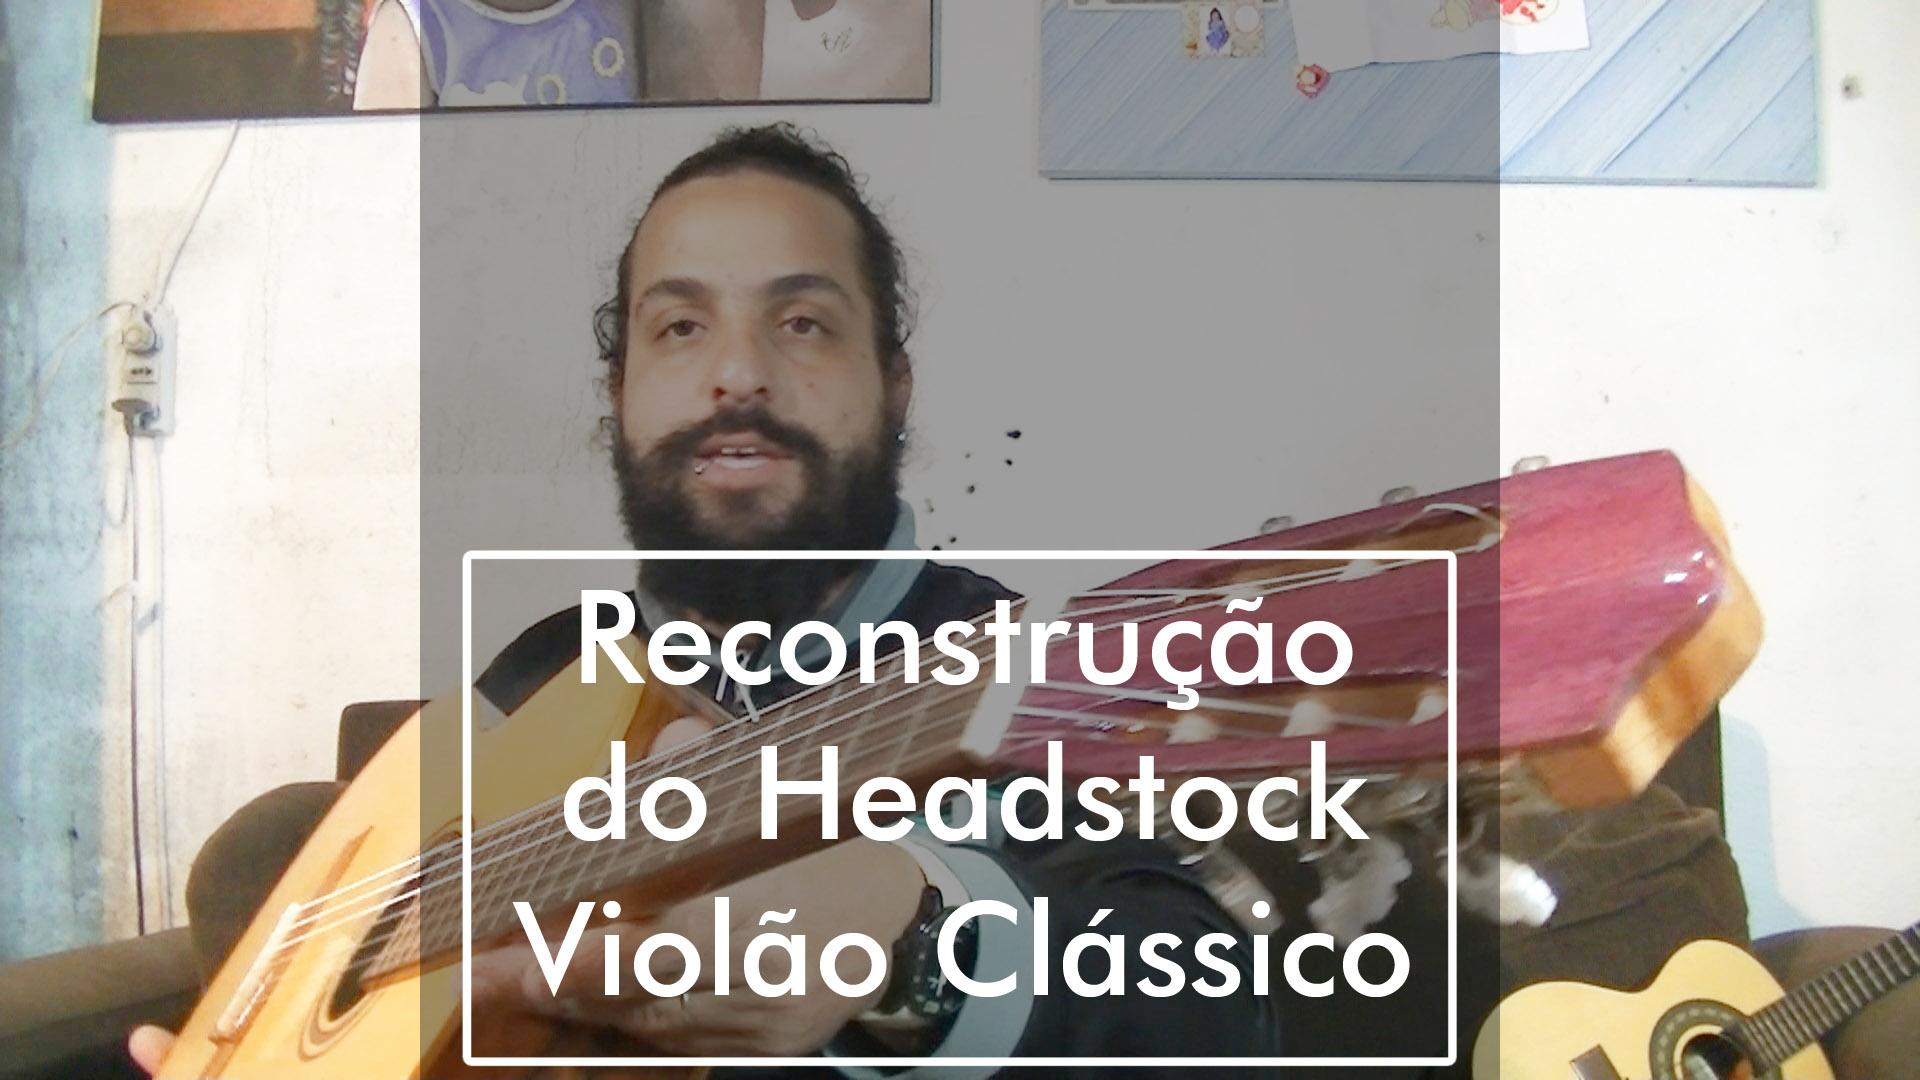 Reconstrução do Headstock Violão Clássico